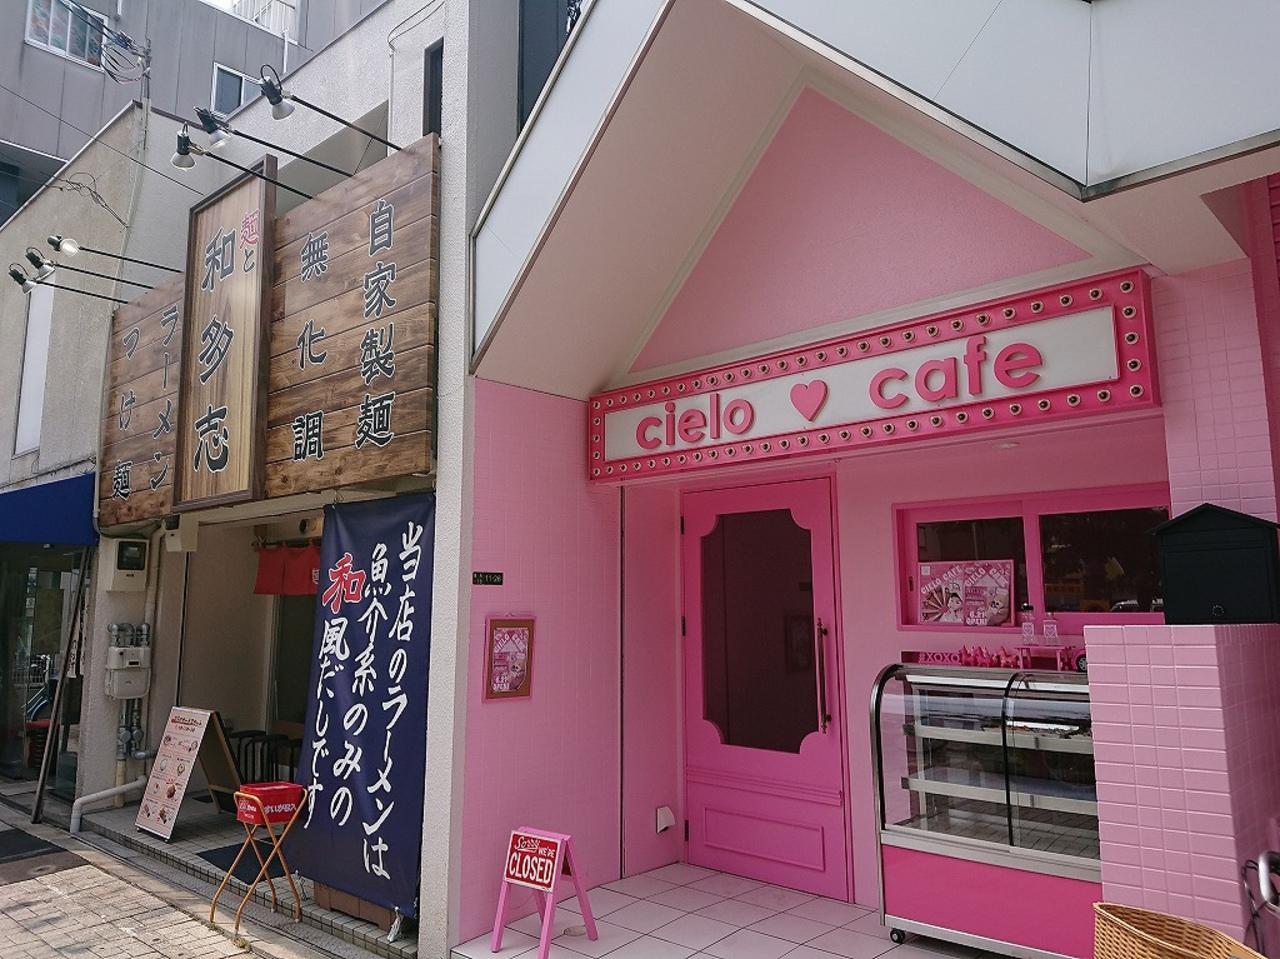 上新庄駅南口近くにフォトジェニックなカフェ『シエロカフェ』が6/21グランドオープンのようです。。。